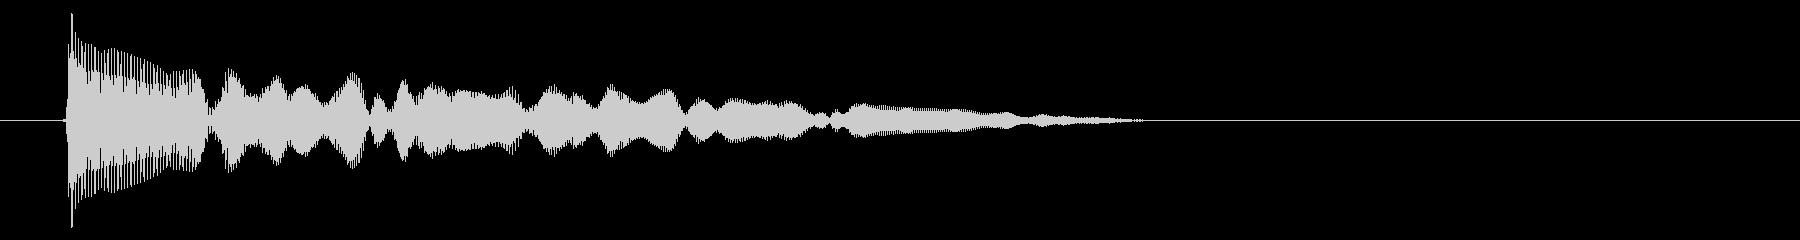 8ビット風システム音-11-4_dryの未再生の波形